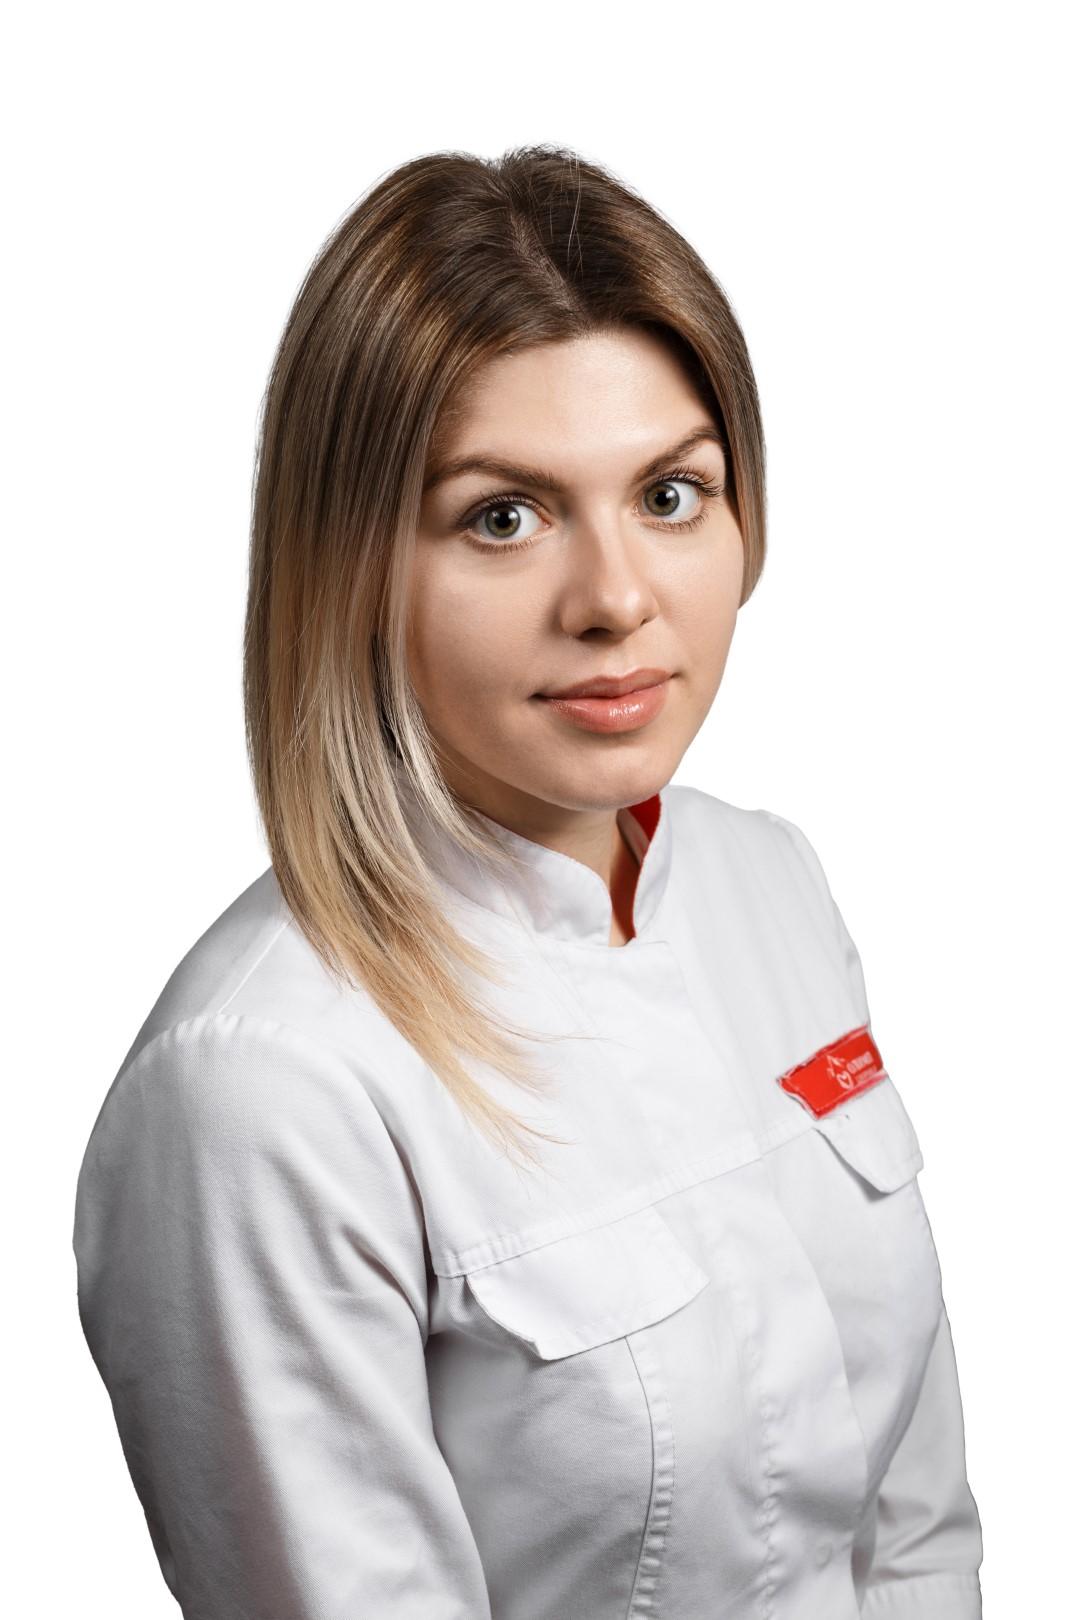 Зацепина Екатерина Александровна